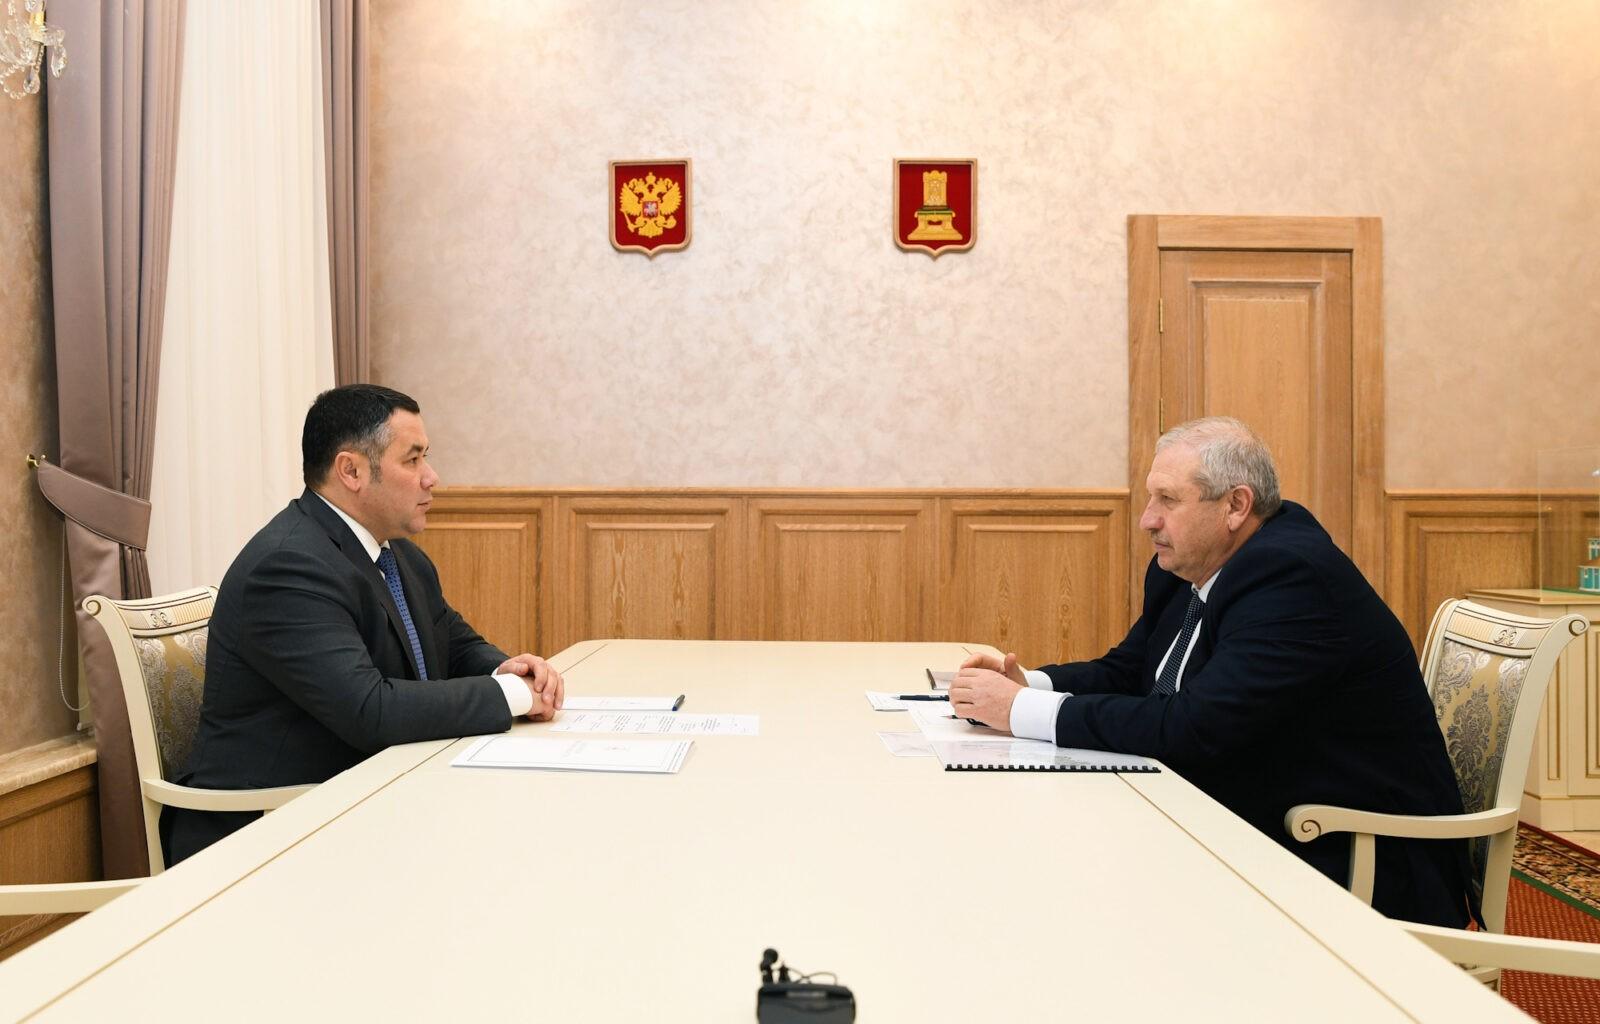 Игорь Руденя встретился с главой Андреапольского муниципального округа